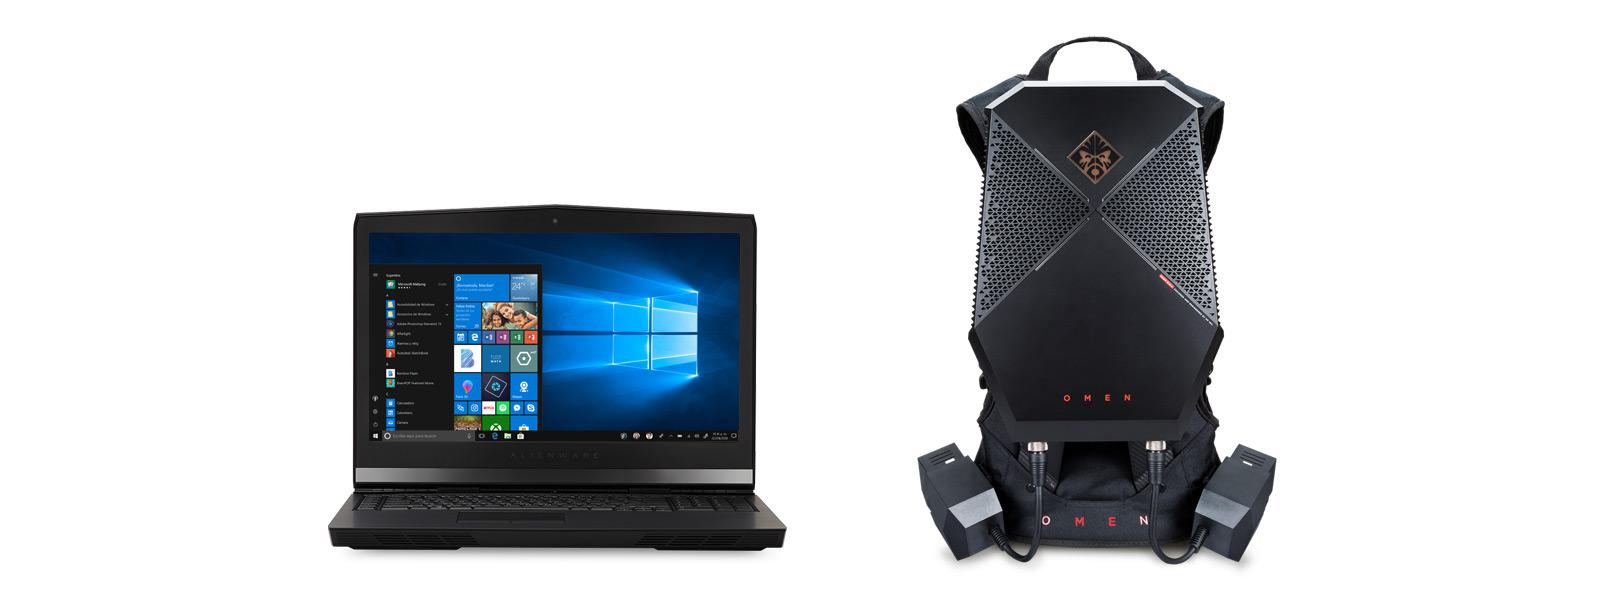 Imagen del ángulo frontal de un equipo Dell Alienware 17 R4 e imagen del ángulo frontal de un equipo HP OMEN.